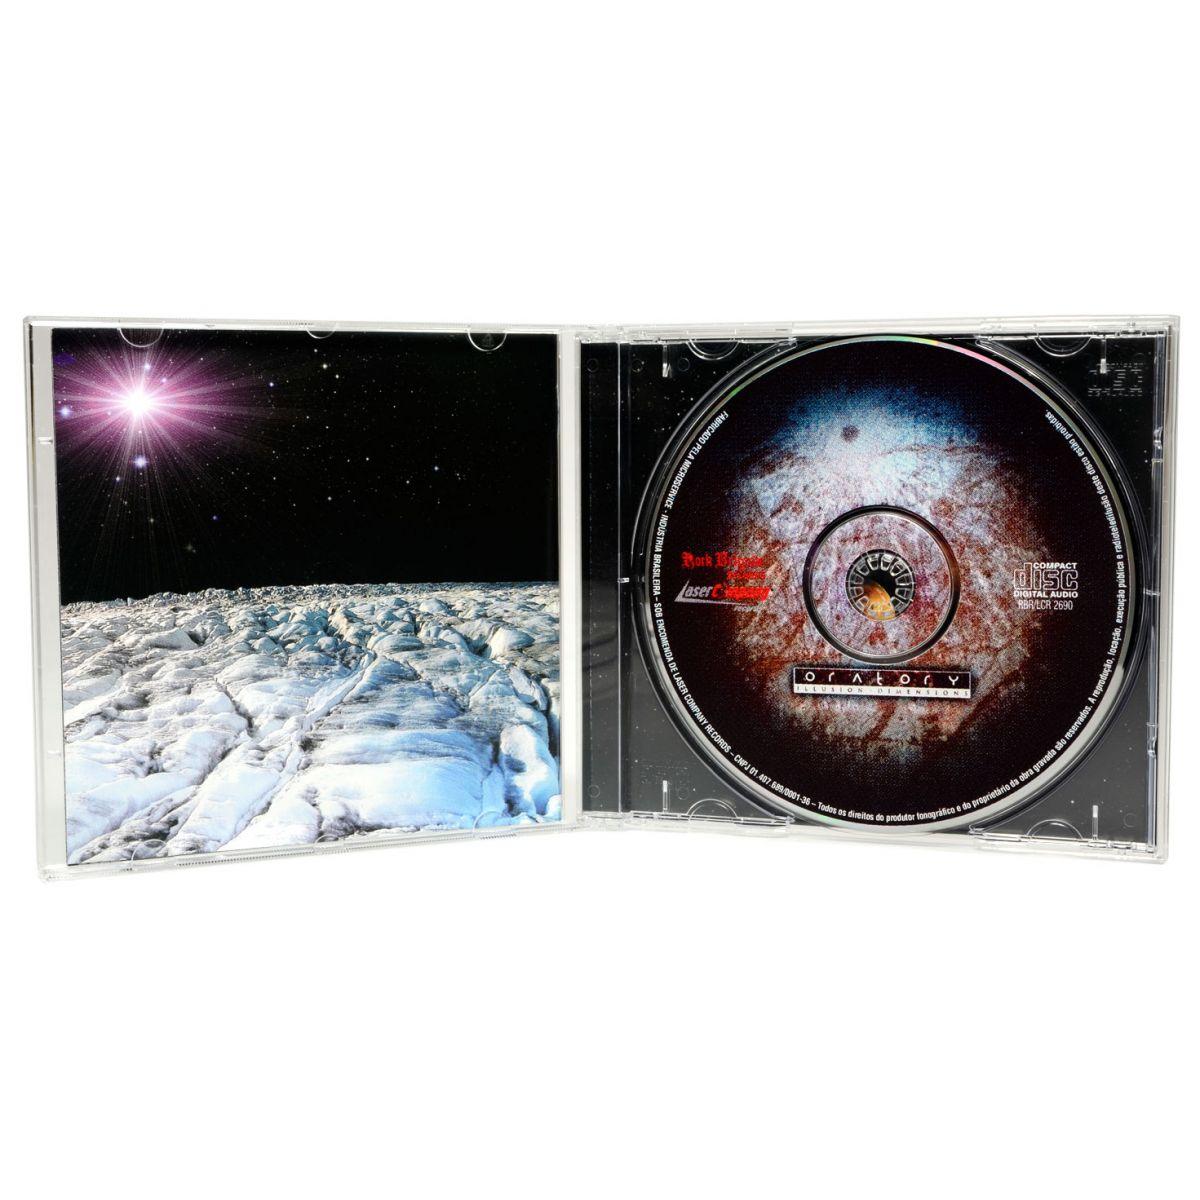 CD Oratory - Illusion Dimensions - Lacrado